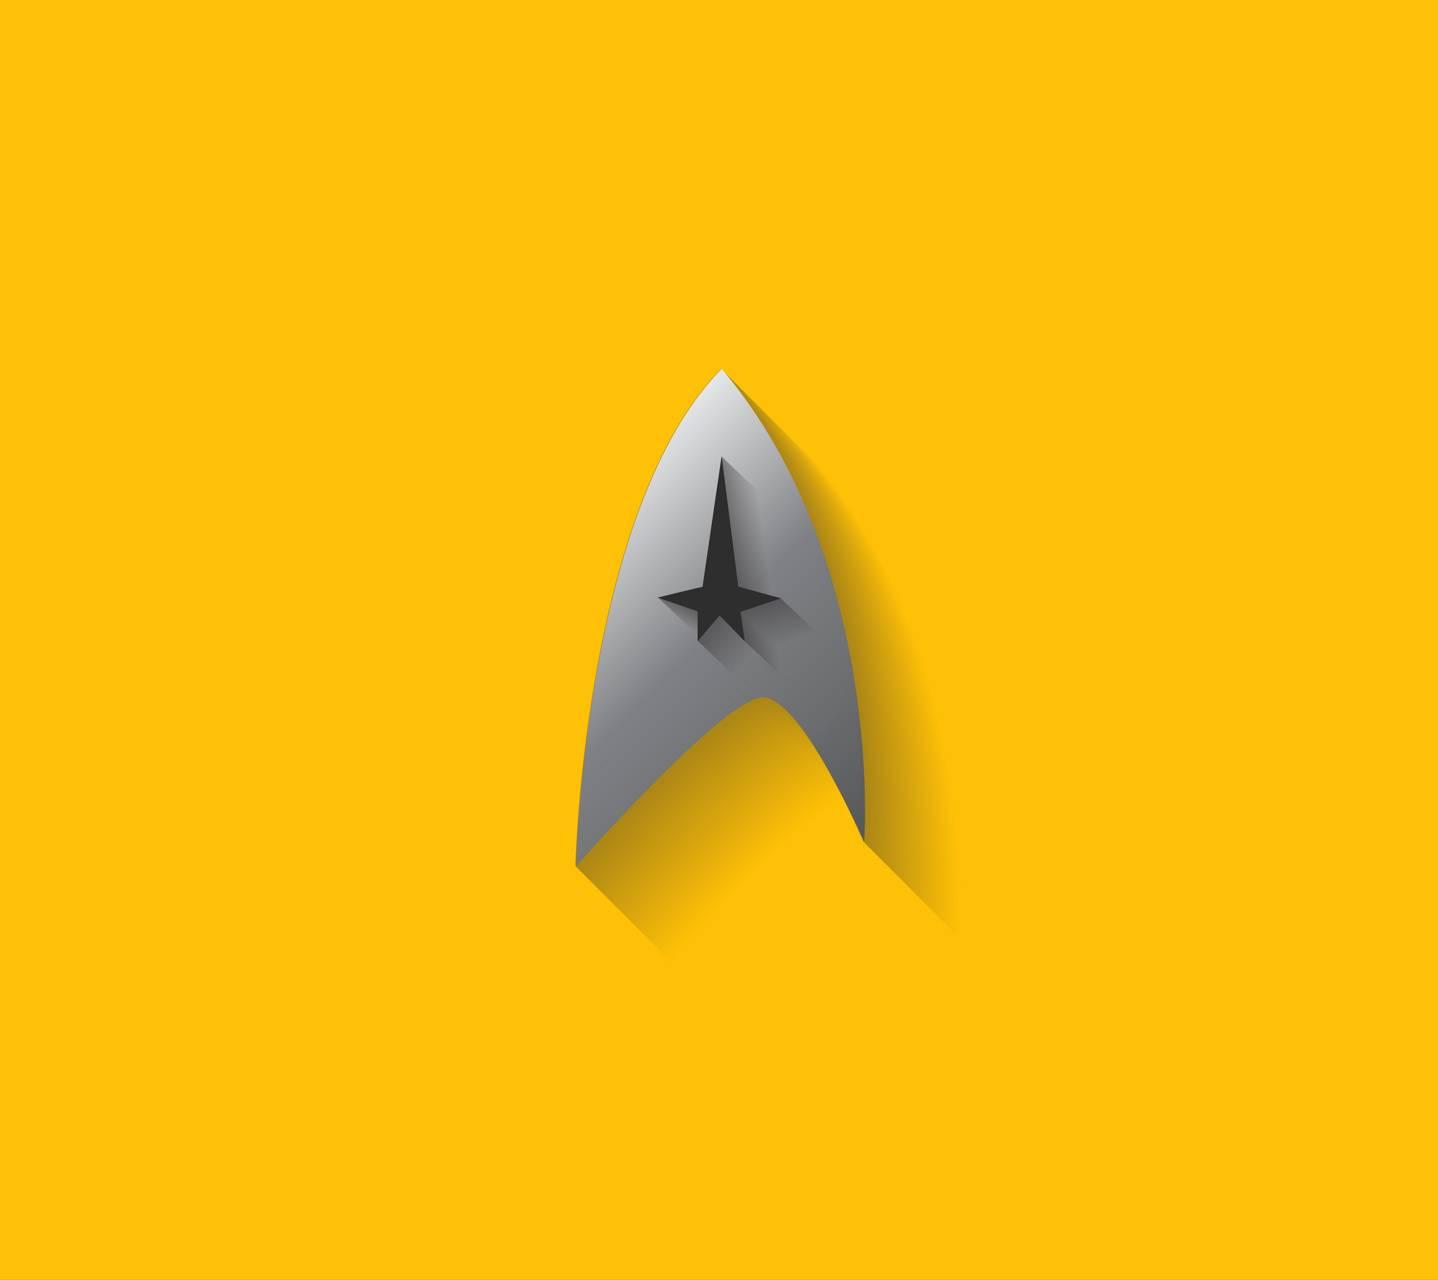 Star Trek Command